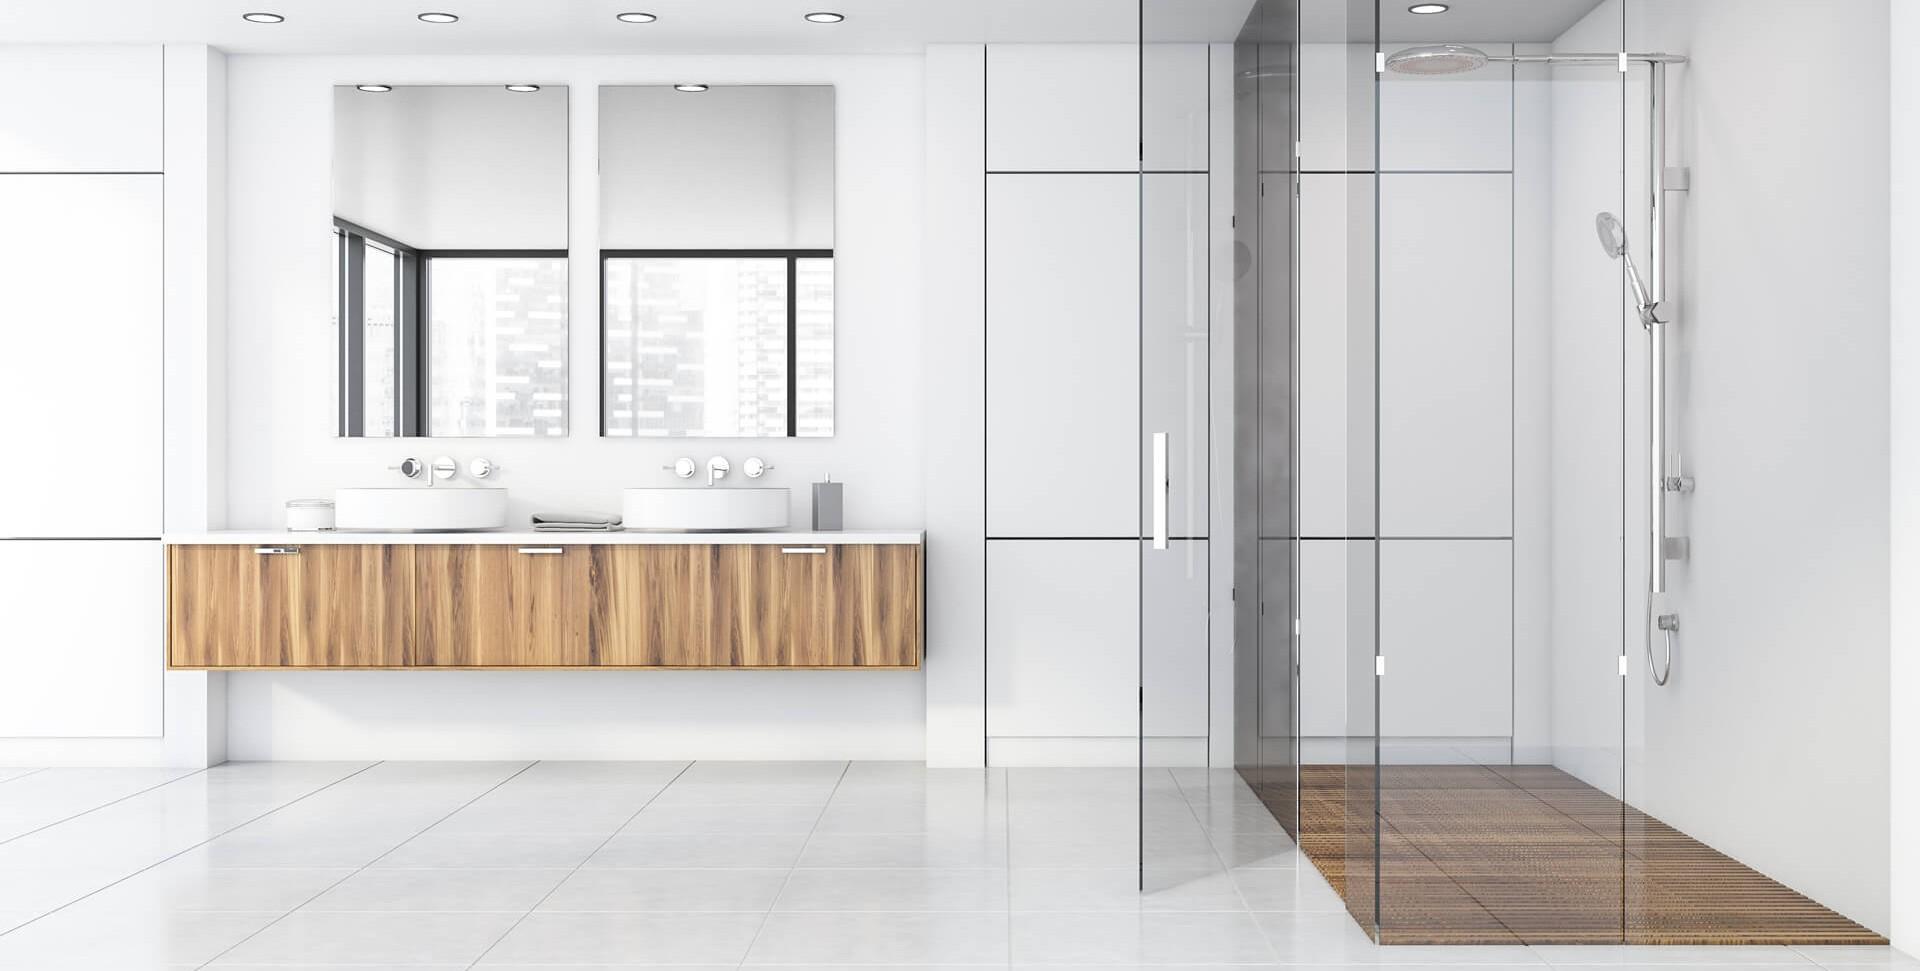 Full Size of Dusche Ebenerdig Bodengleiche Duschen Bei Glasprofi24 Kaufen Siphon Ebenerdige Hüppe Glasabtrennung Bodengleich Walk In Badewanne Mit Tür Und Begehbare Dusche Dusche Ebenerdig